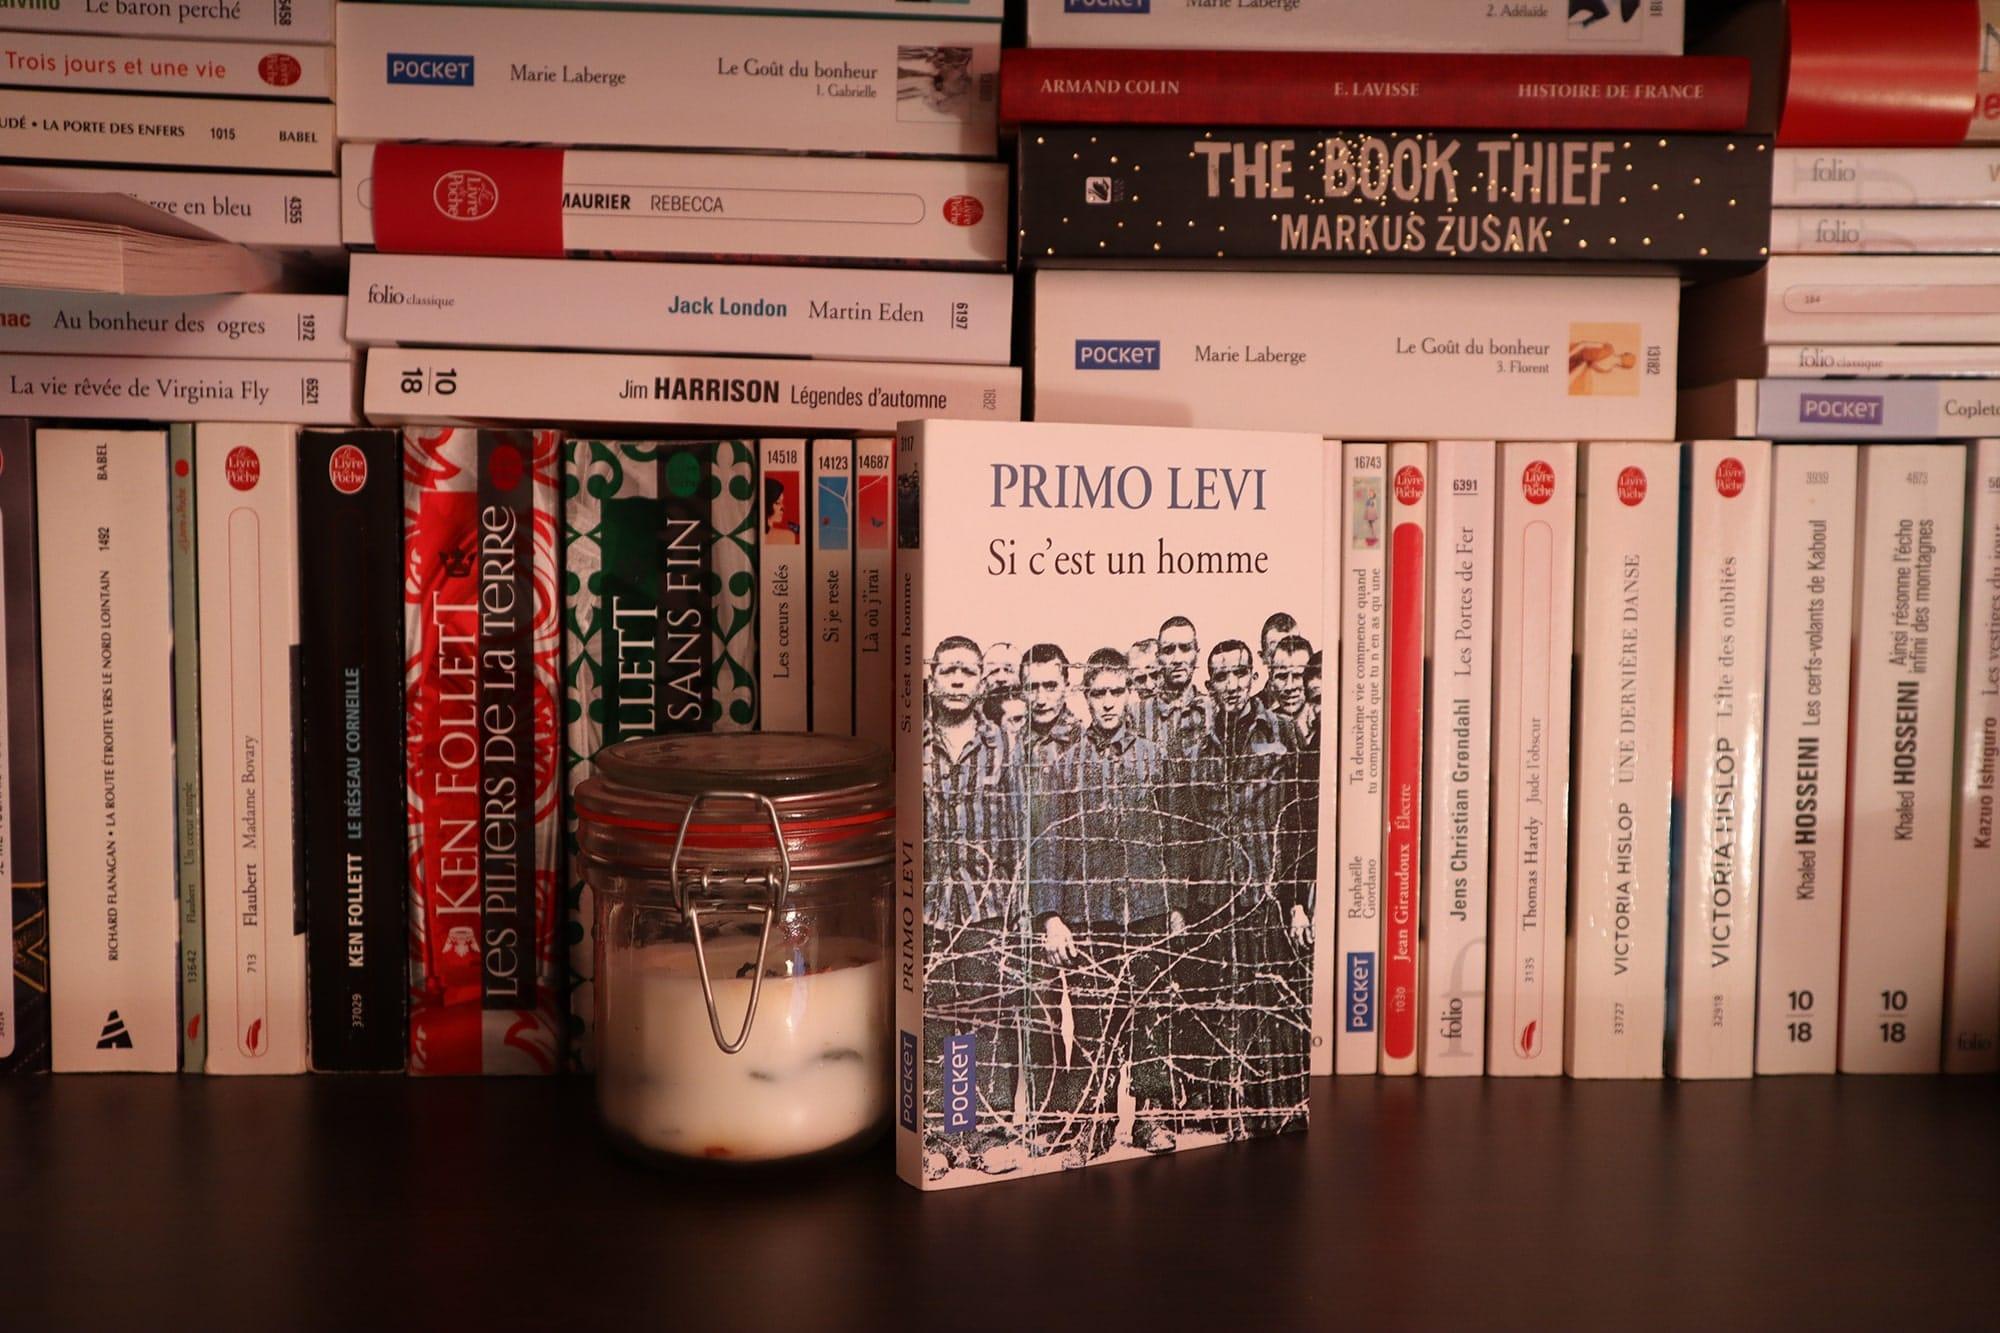 Si c'est un homme, Primo Levi – 1988 – Ed. Pocket, 214 p.